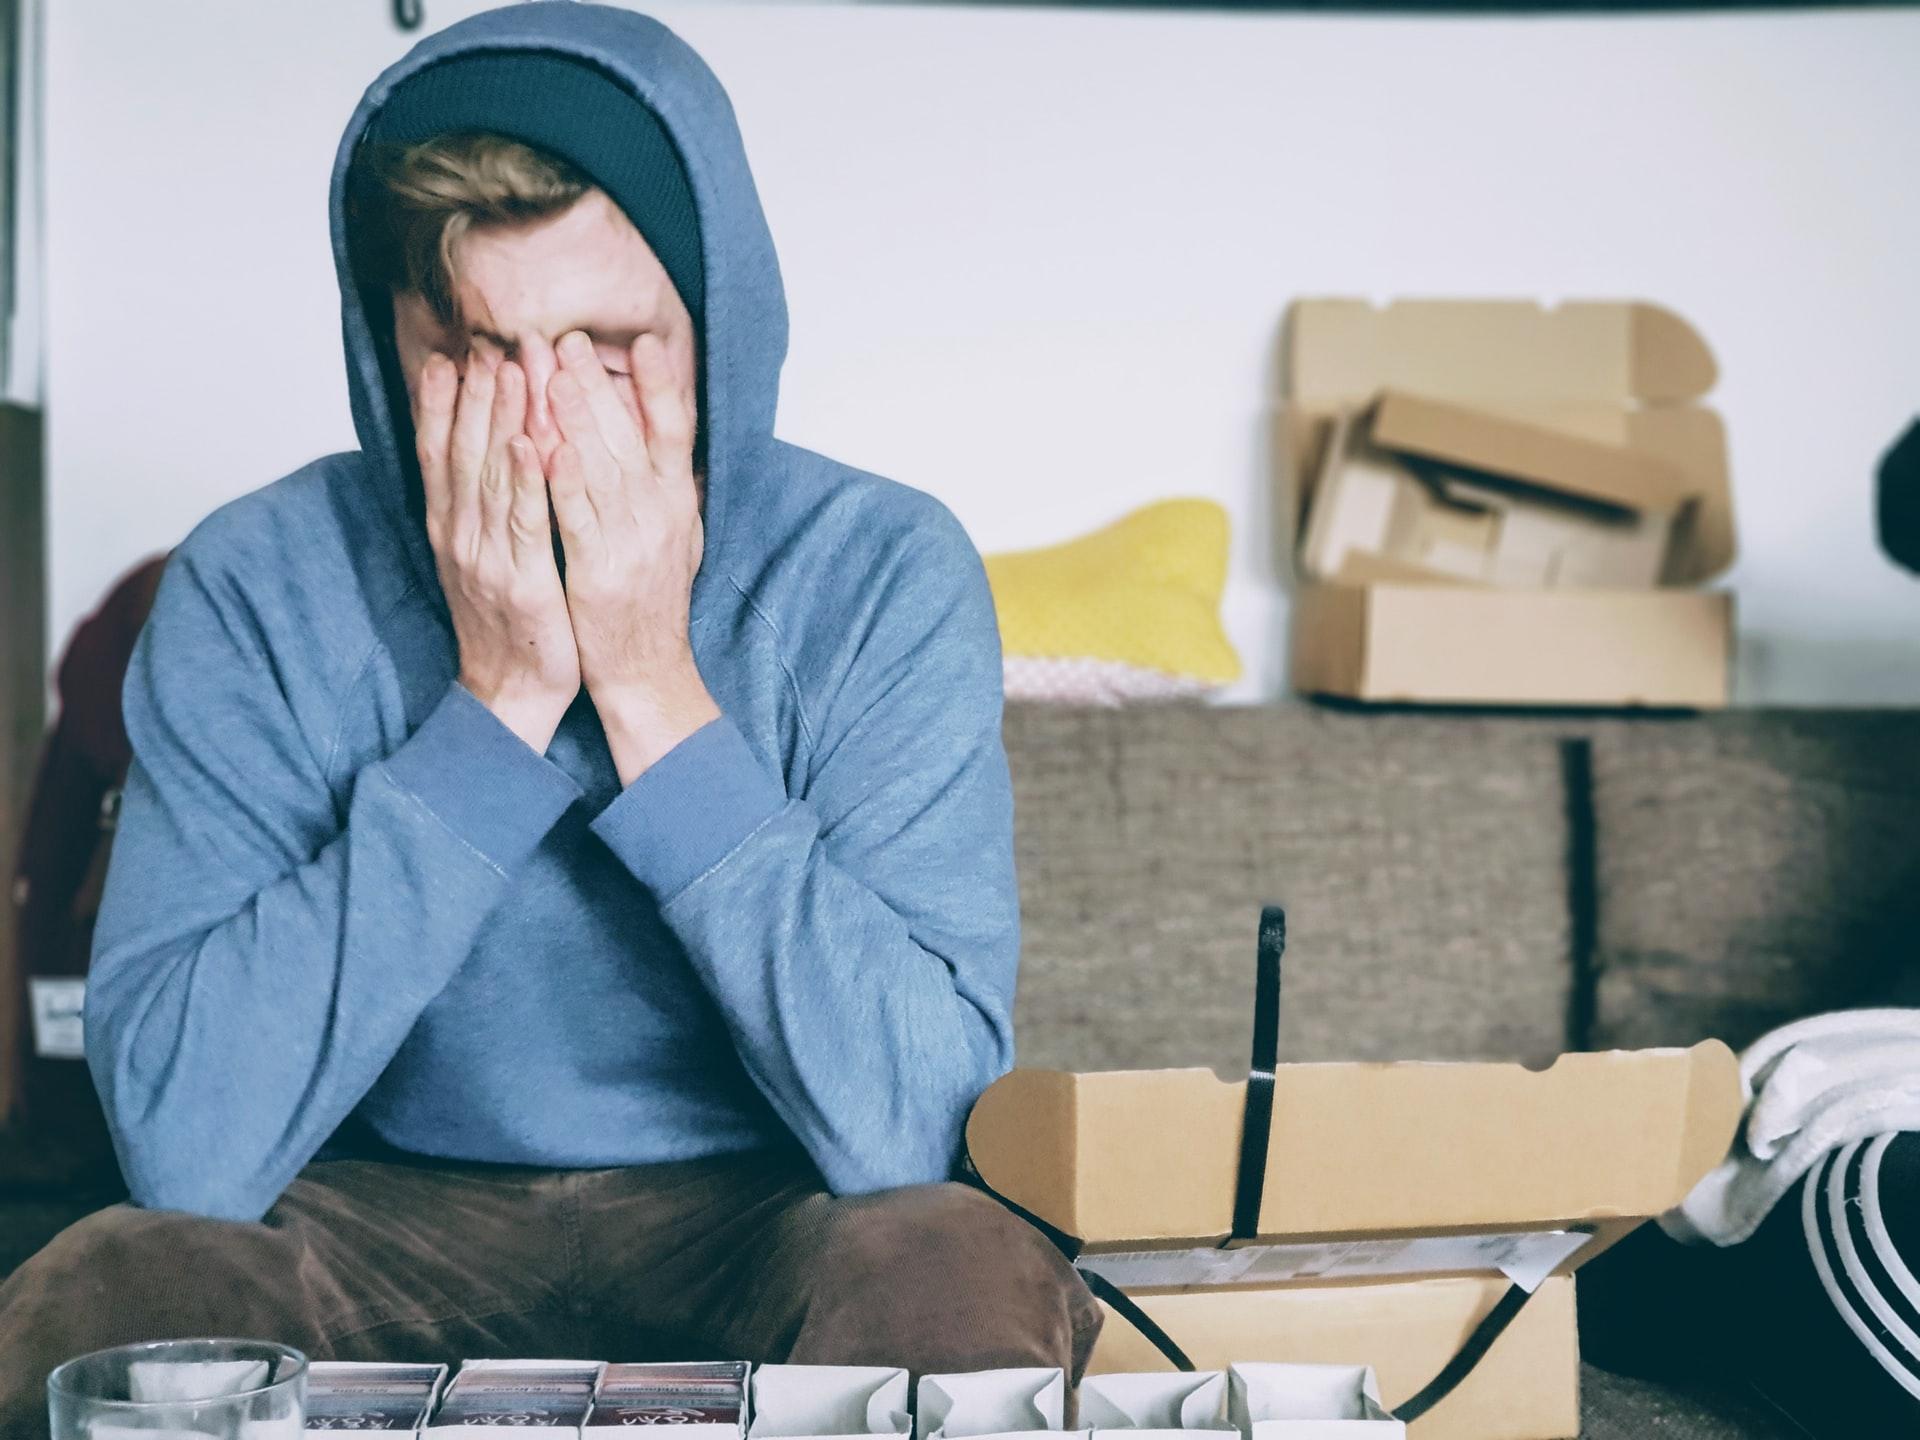 Stwierdzono, że psychoterapia i ciężki uraz zmniejszają częstość nawrotów psychiatrycznych u pacjentów z BM